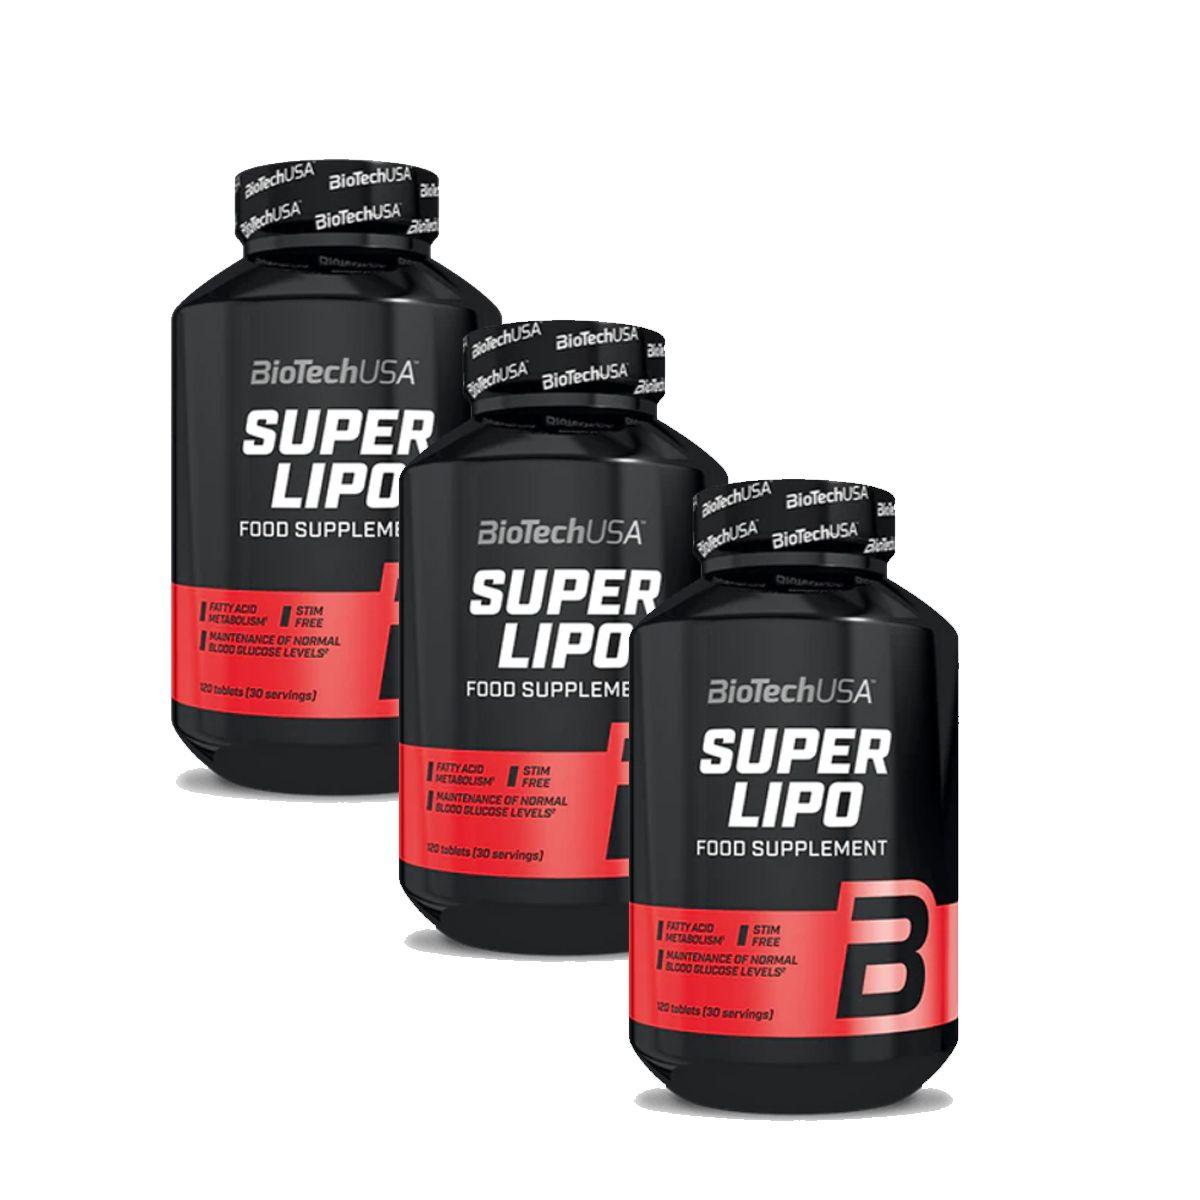 Biotech Super Fat Burner tabletta db db mindössze Ft-ért az Egészségboltban!